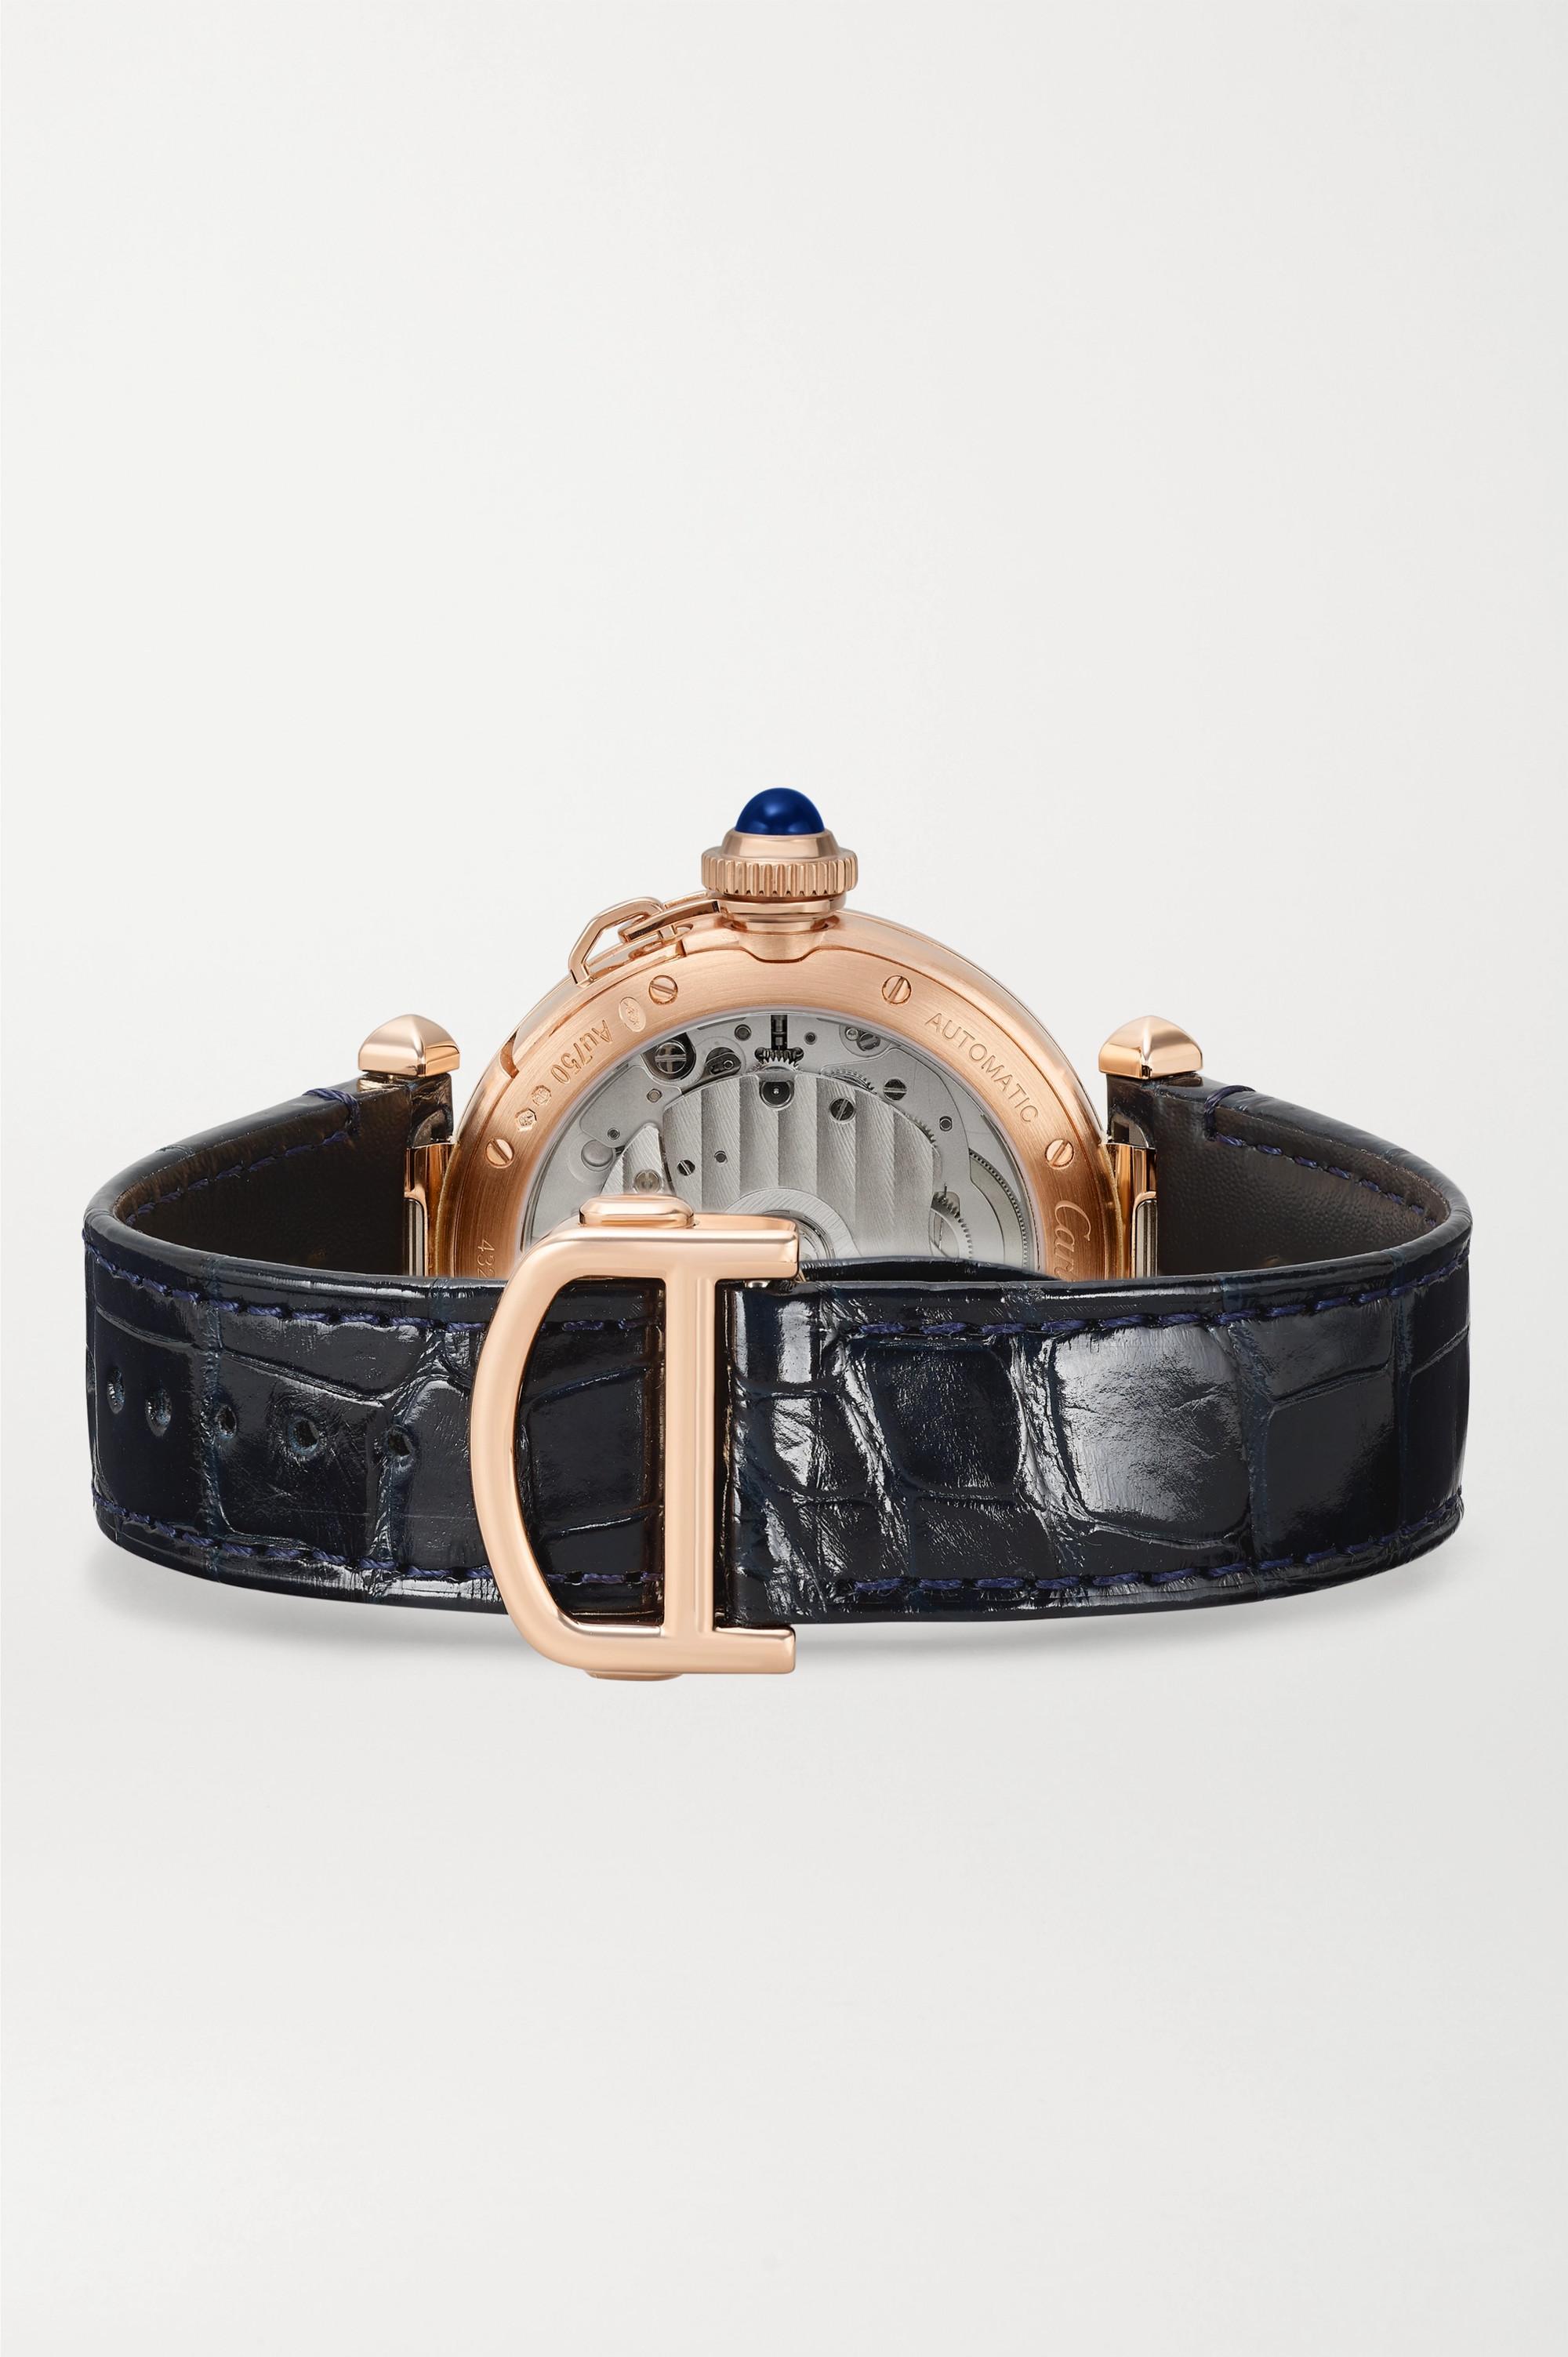 Cartier Pasha de Cartier Automatic 35 毫米 18K 玫瑰金腕表(短吻鳄鱼皮表带)